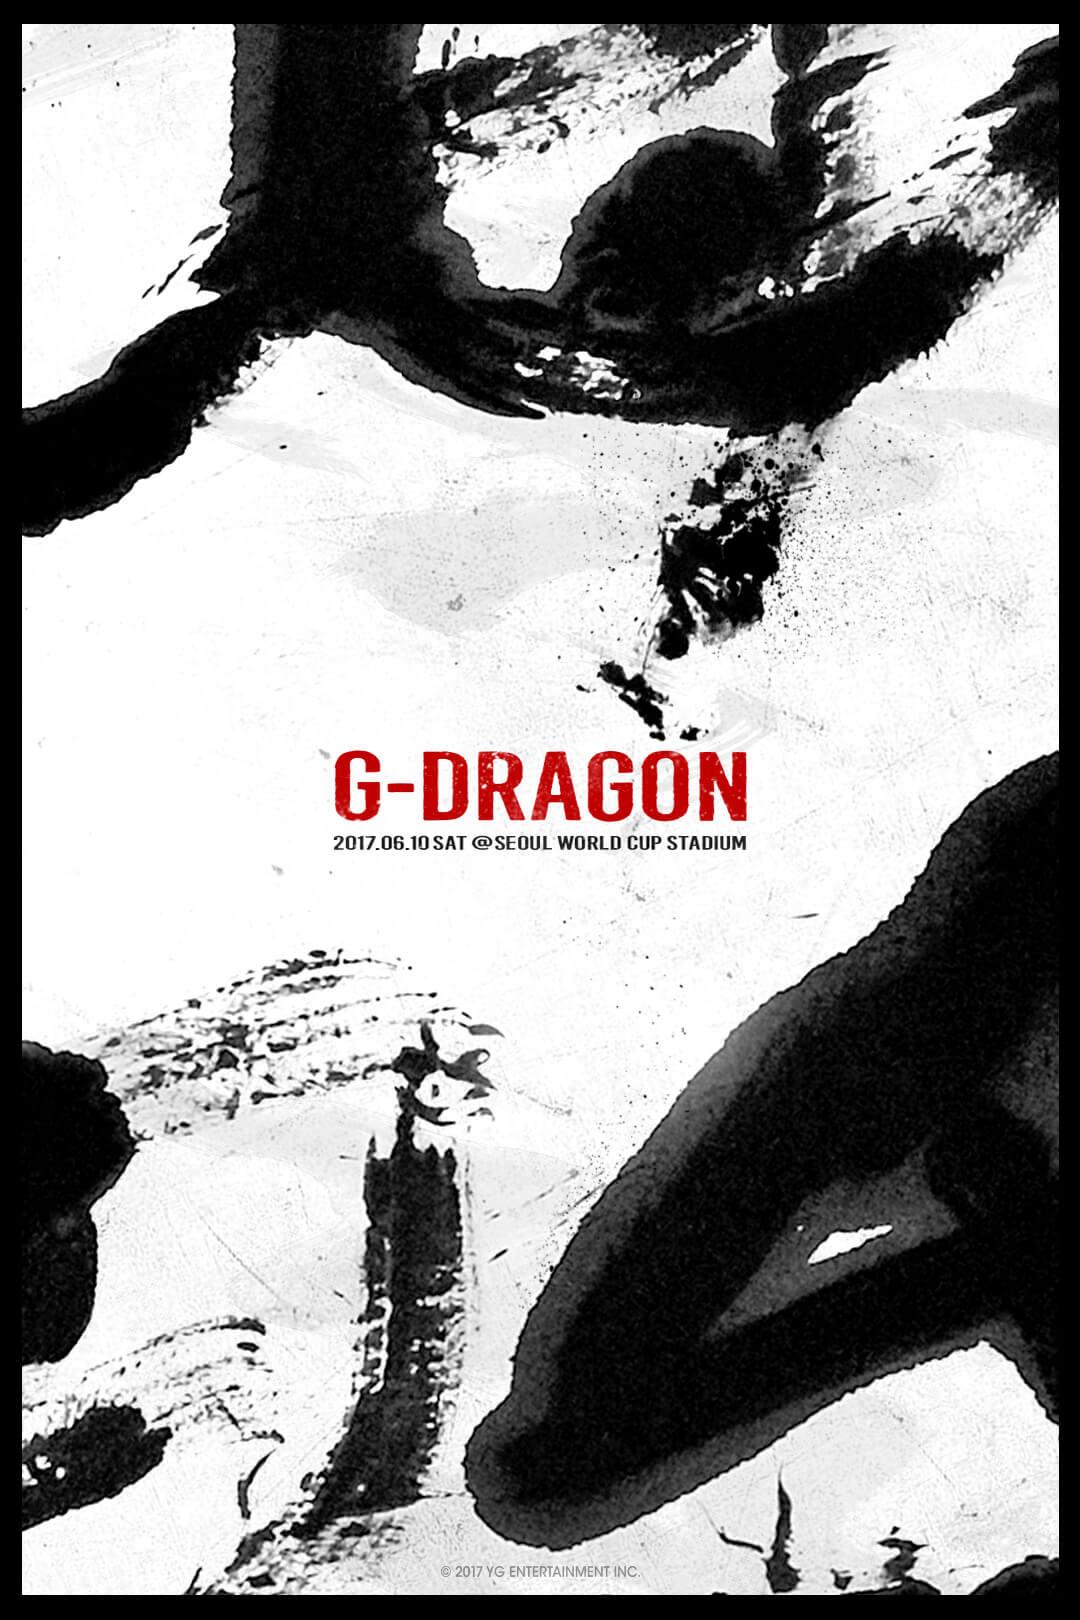 [170405]GD_콘서트_모태-1차티저최종 (1)